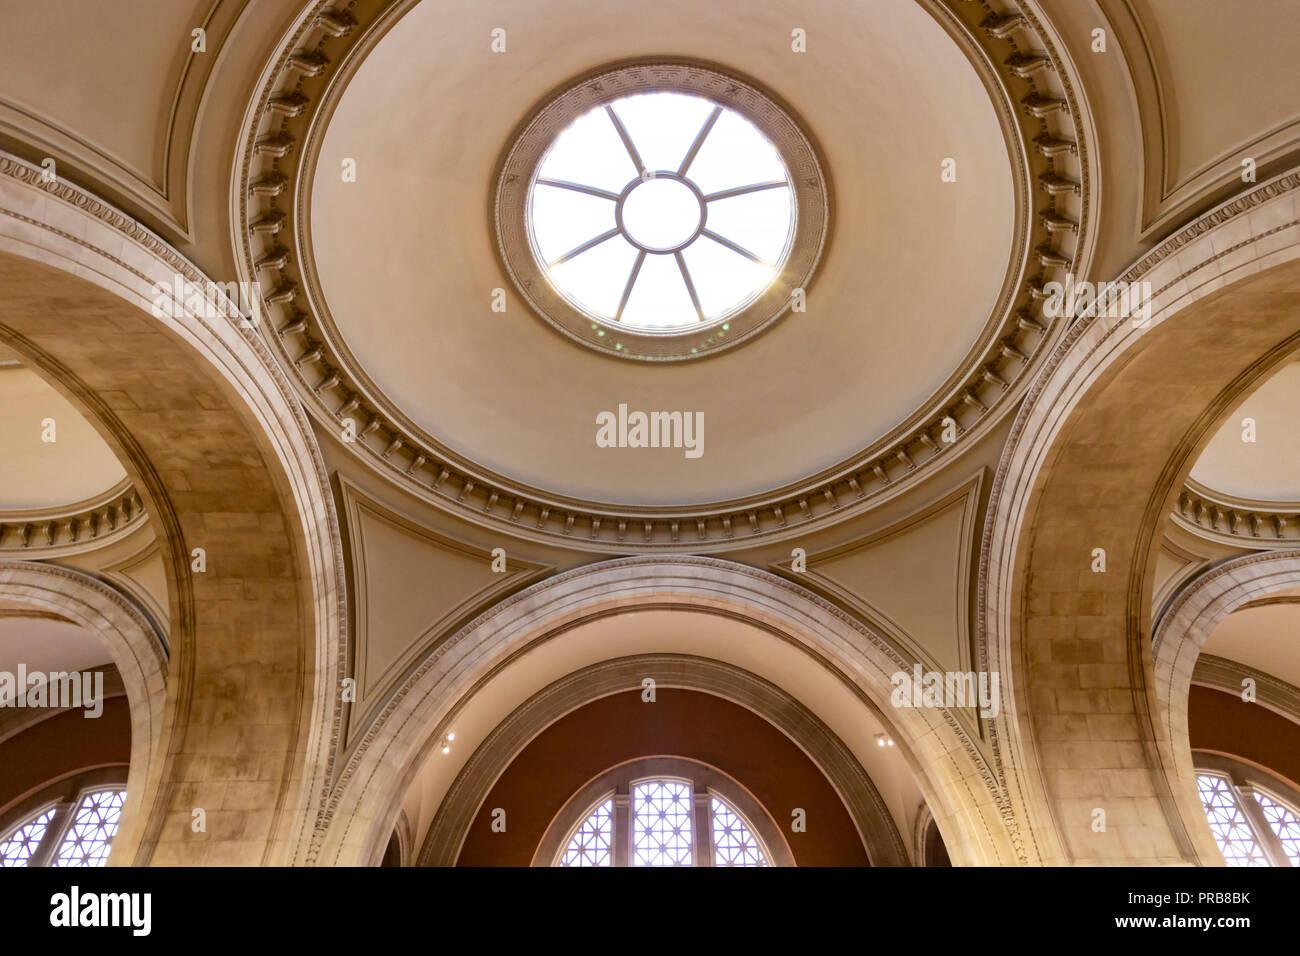 La città di New York, Stati Uniti d'America - 8 Ottobre 2017: vista dell'interno del Metropolitan Museum of Art di New York City. Foto Stock